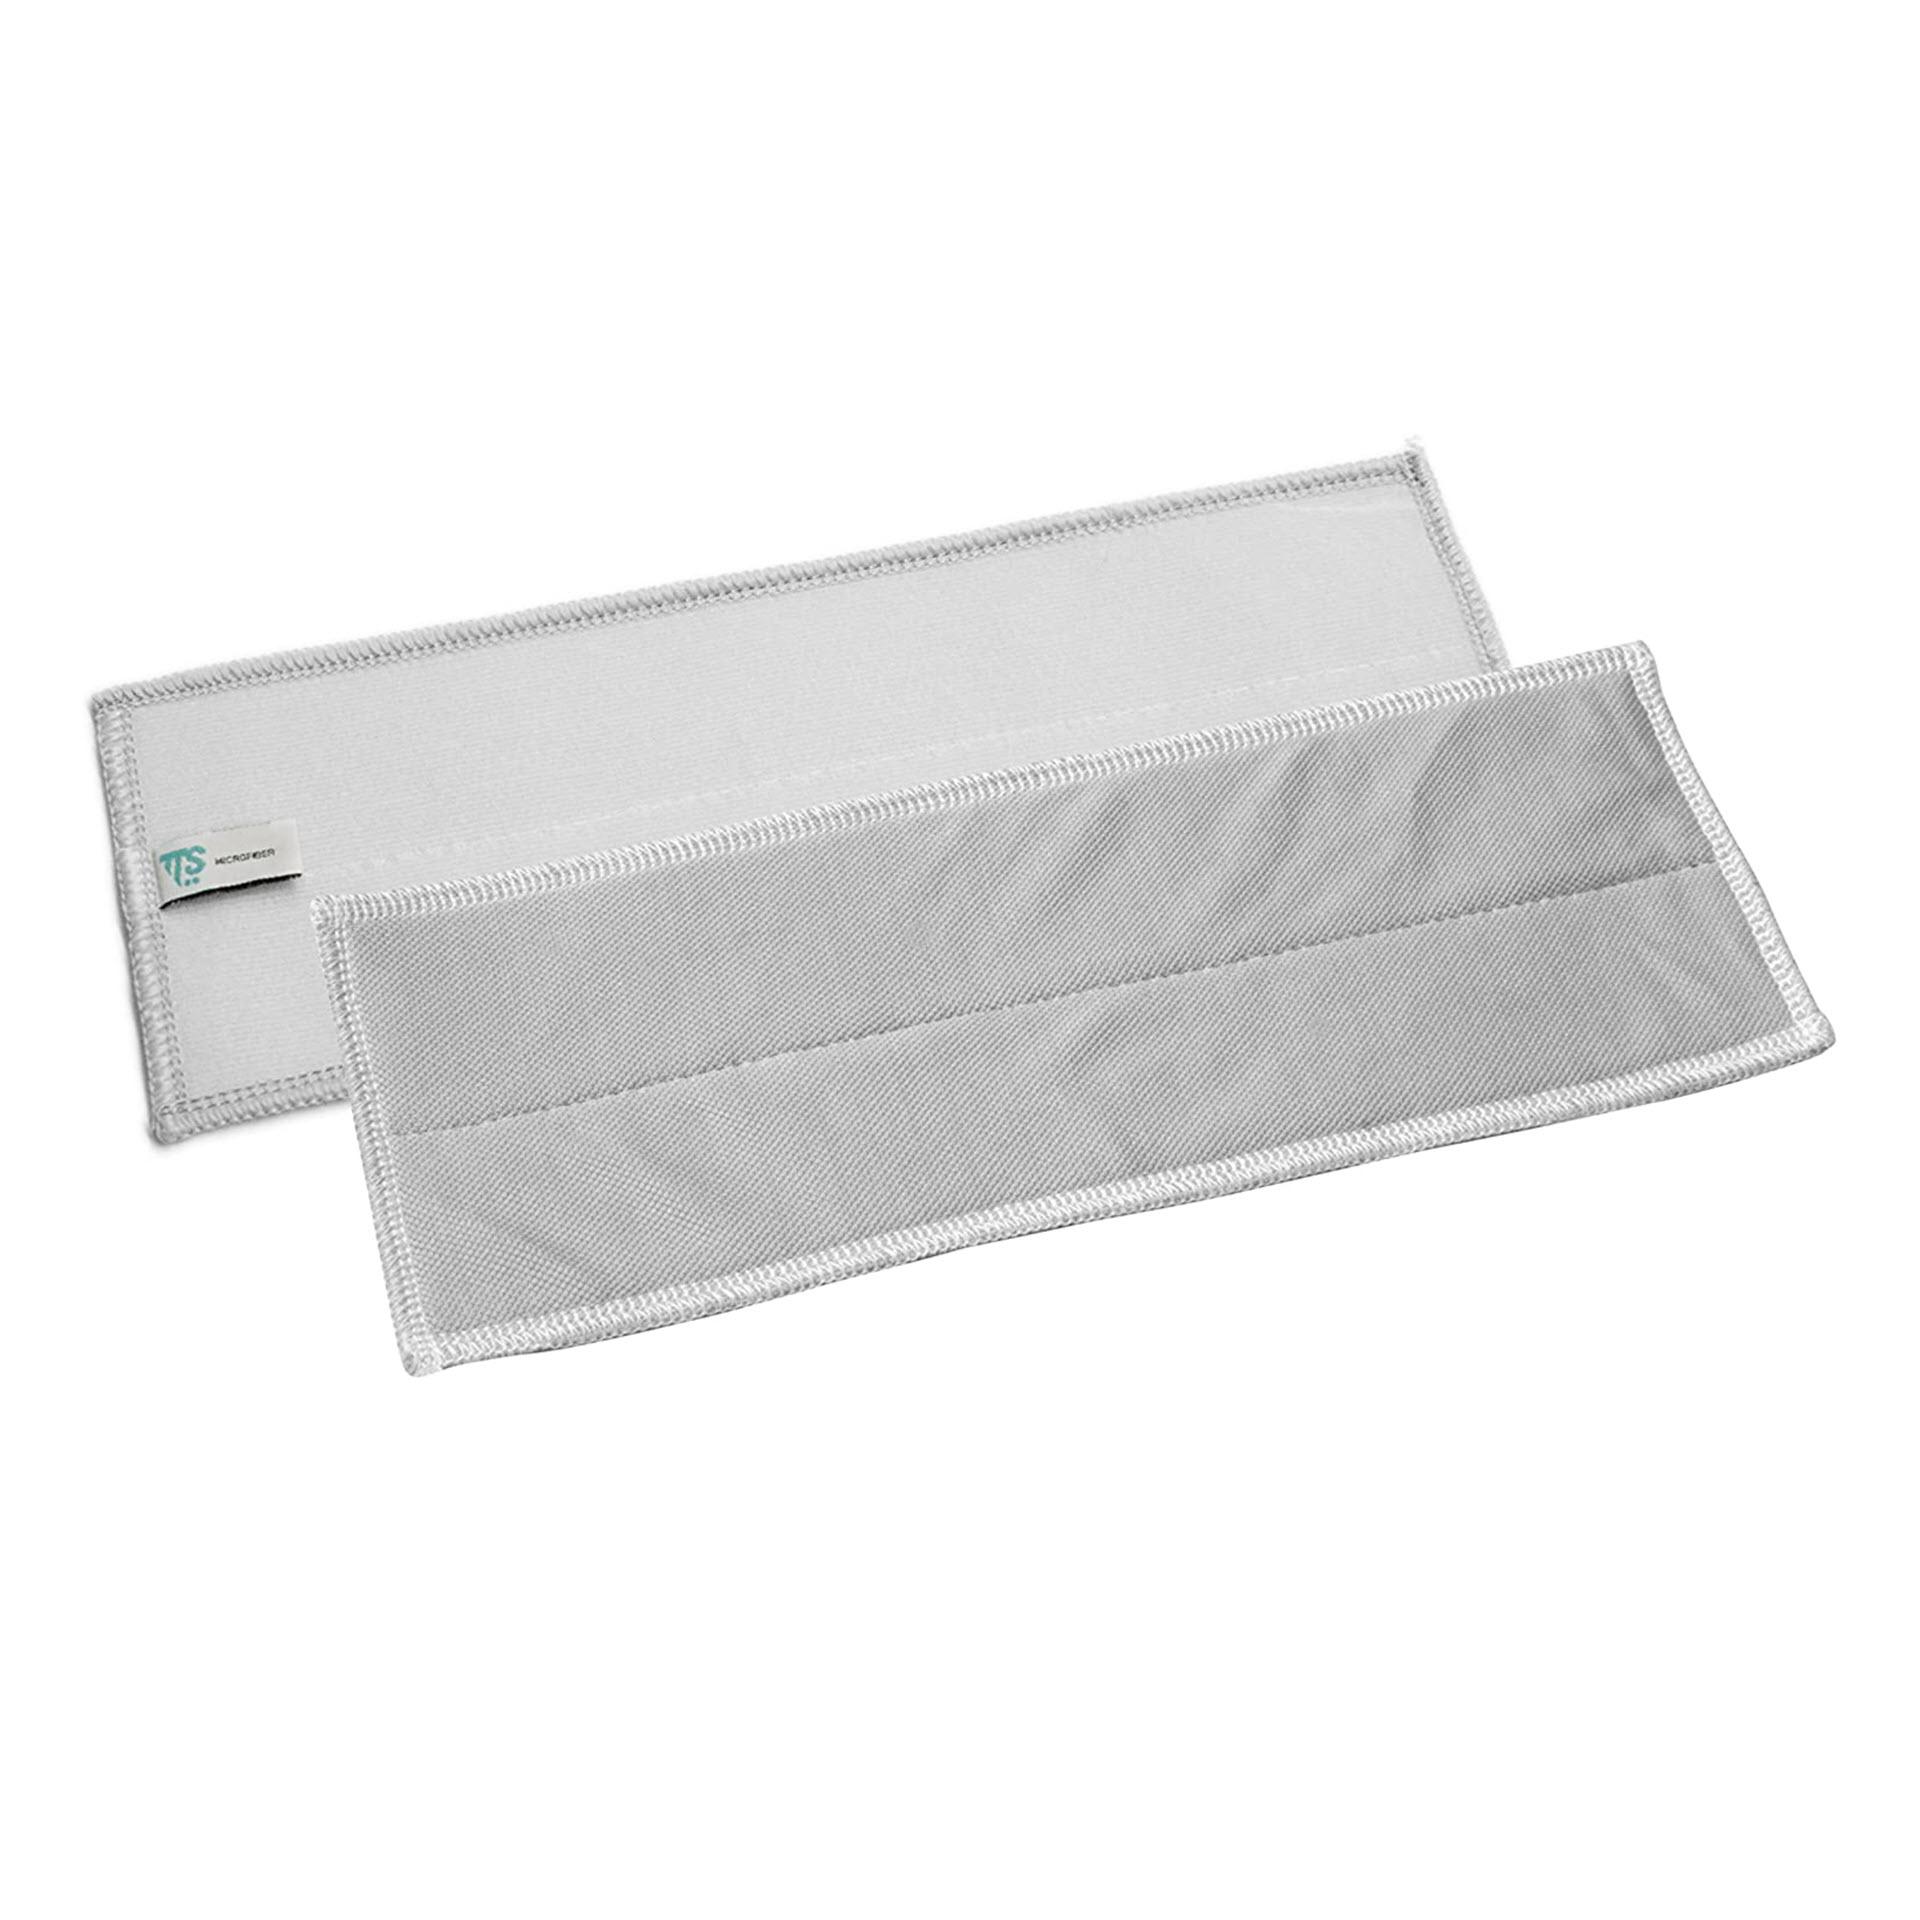 TTS Clean Glass Microbezug / Klettbezug 32x10,5cm grau